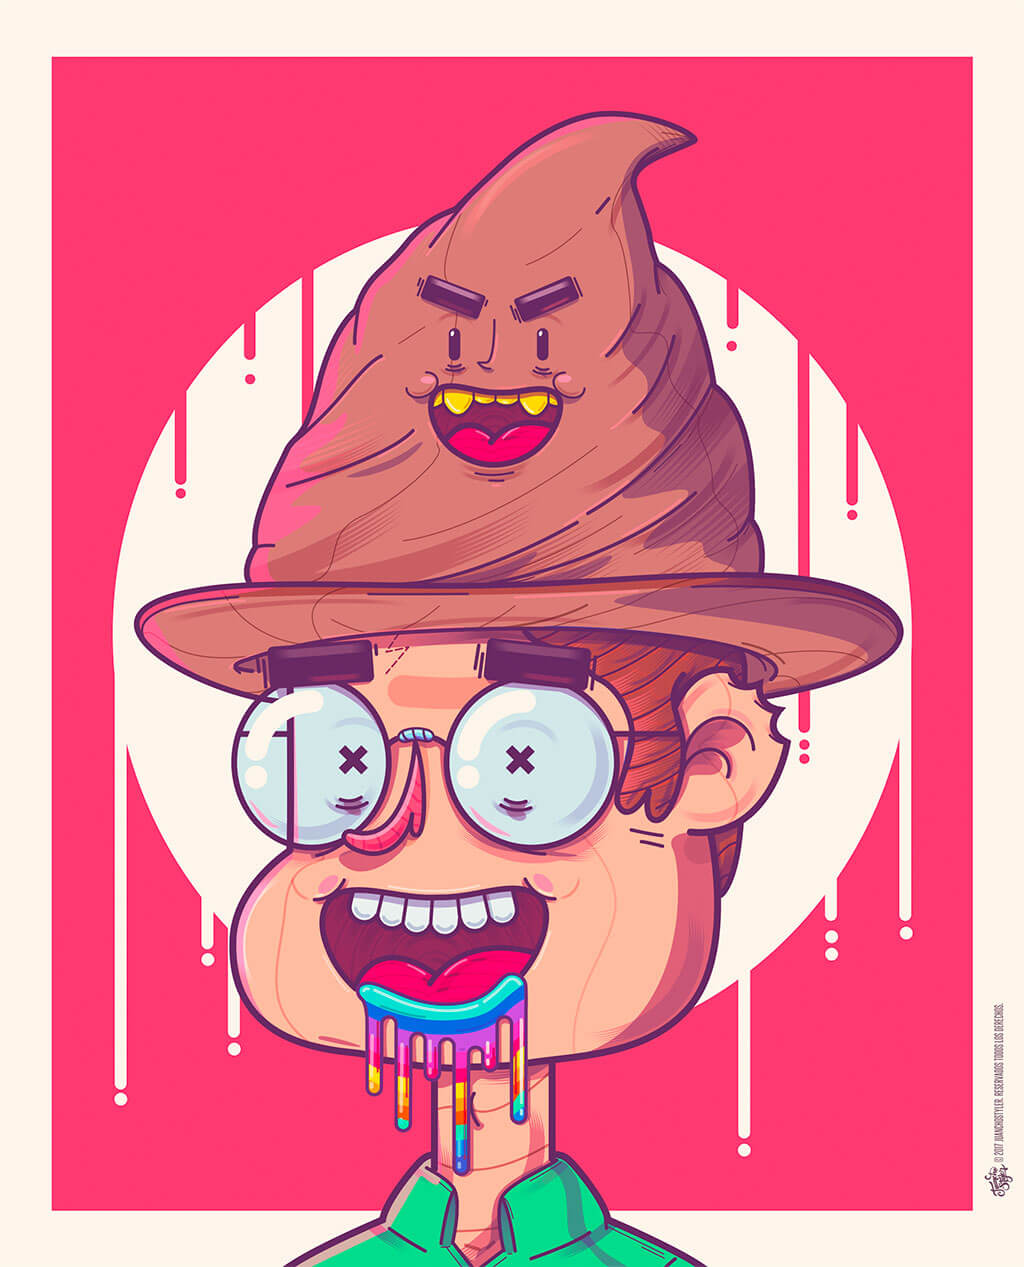 Harry Potter Fan Art by JuanchoStyler